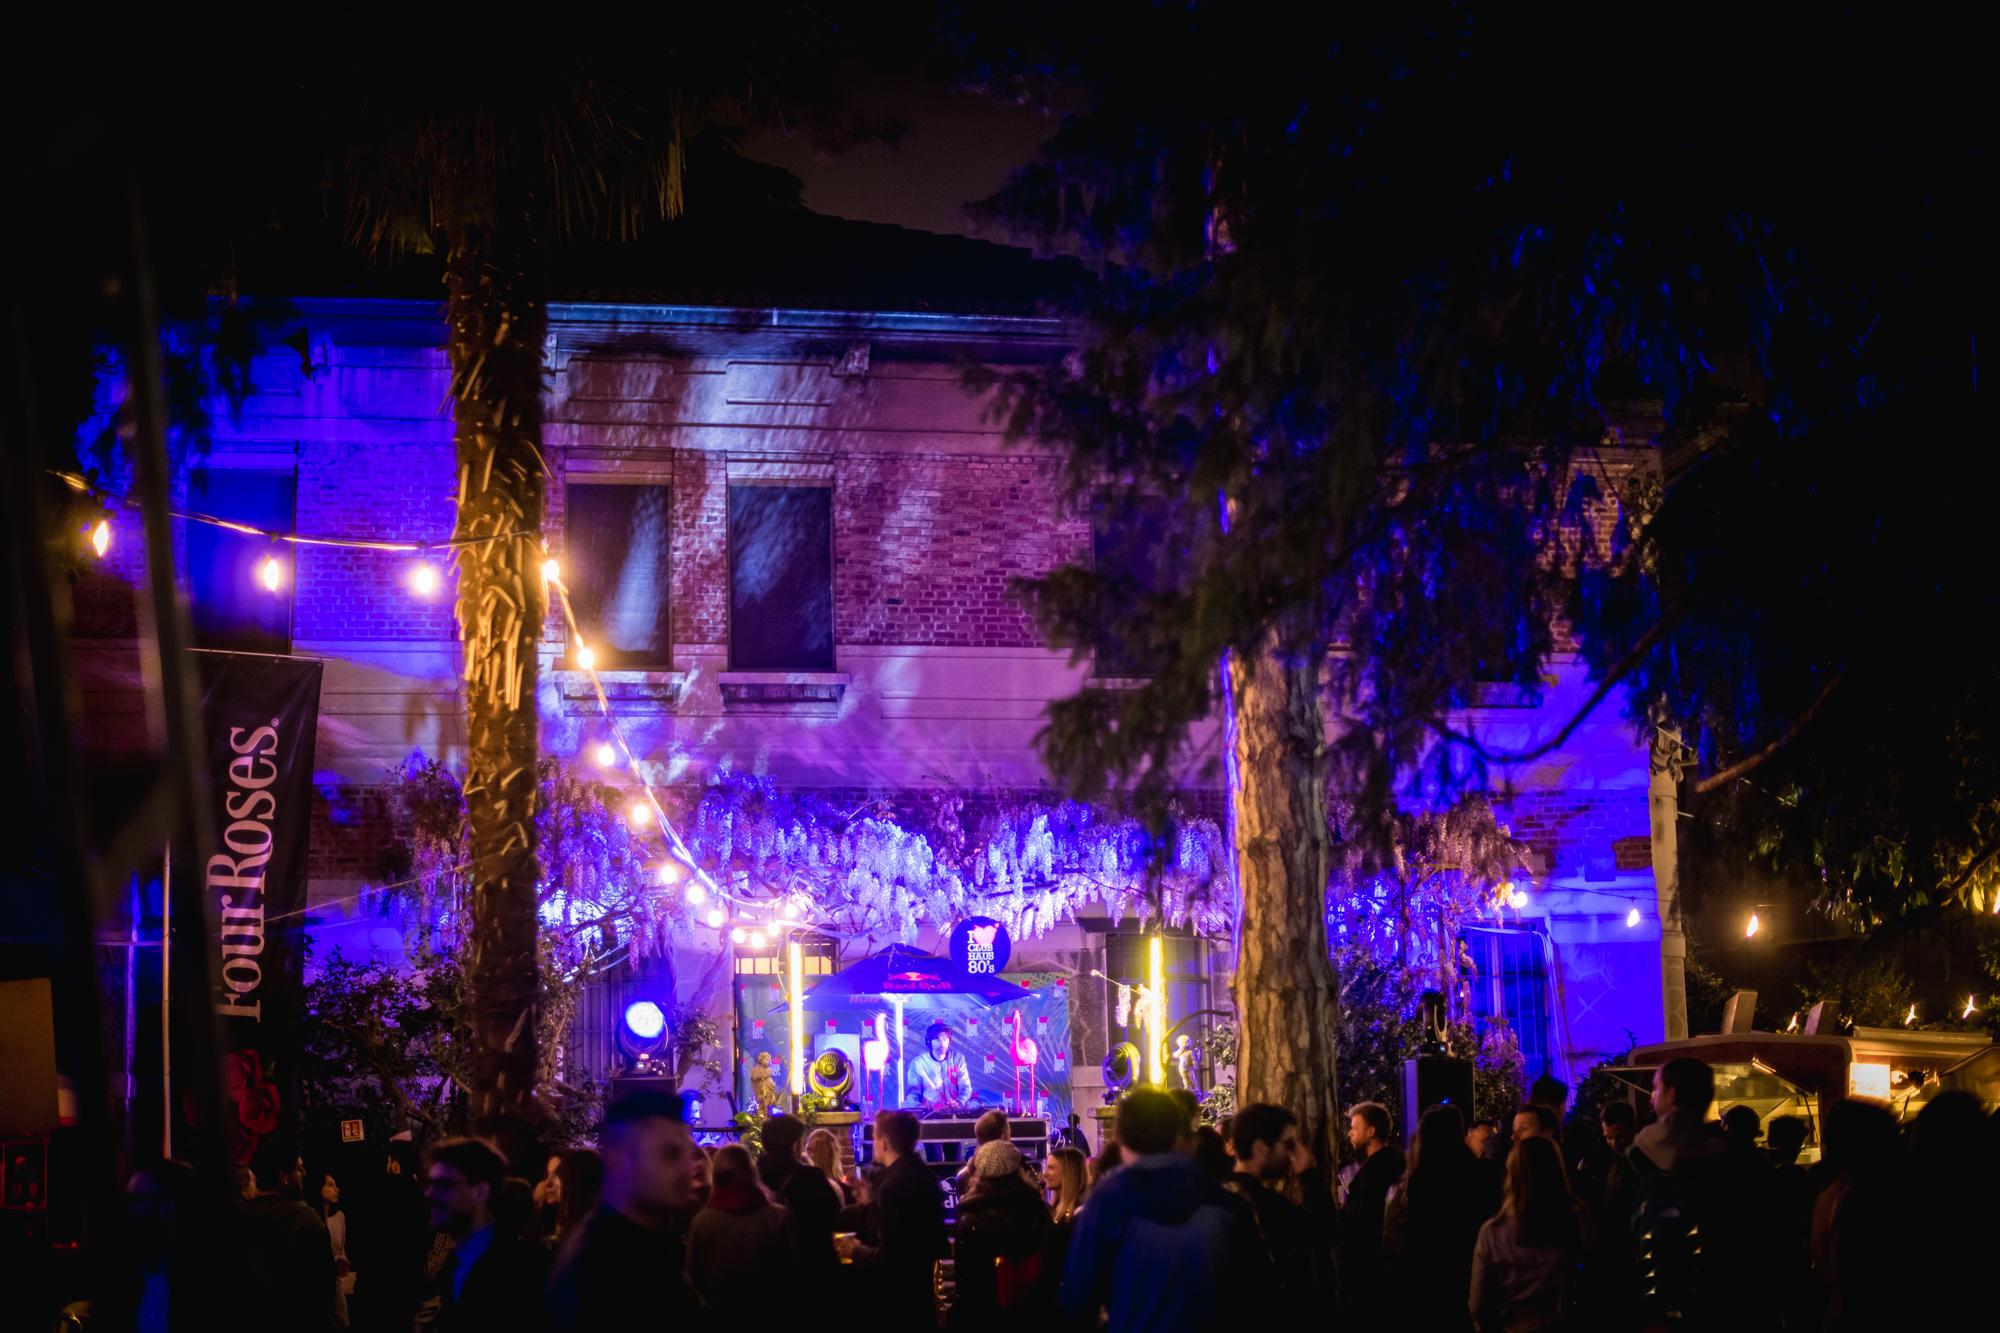 Club Haus 80's Giardino Segreto Lambrate • Design Week   YOUparti ventura milan design week mdw